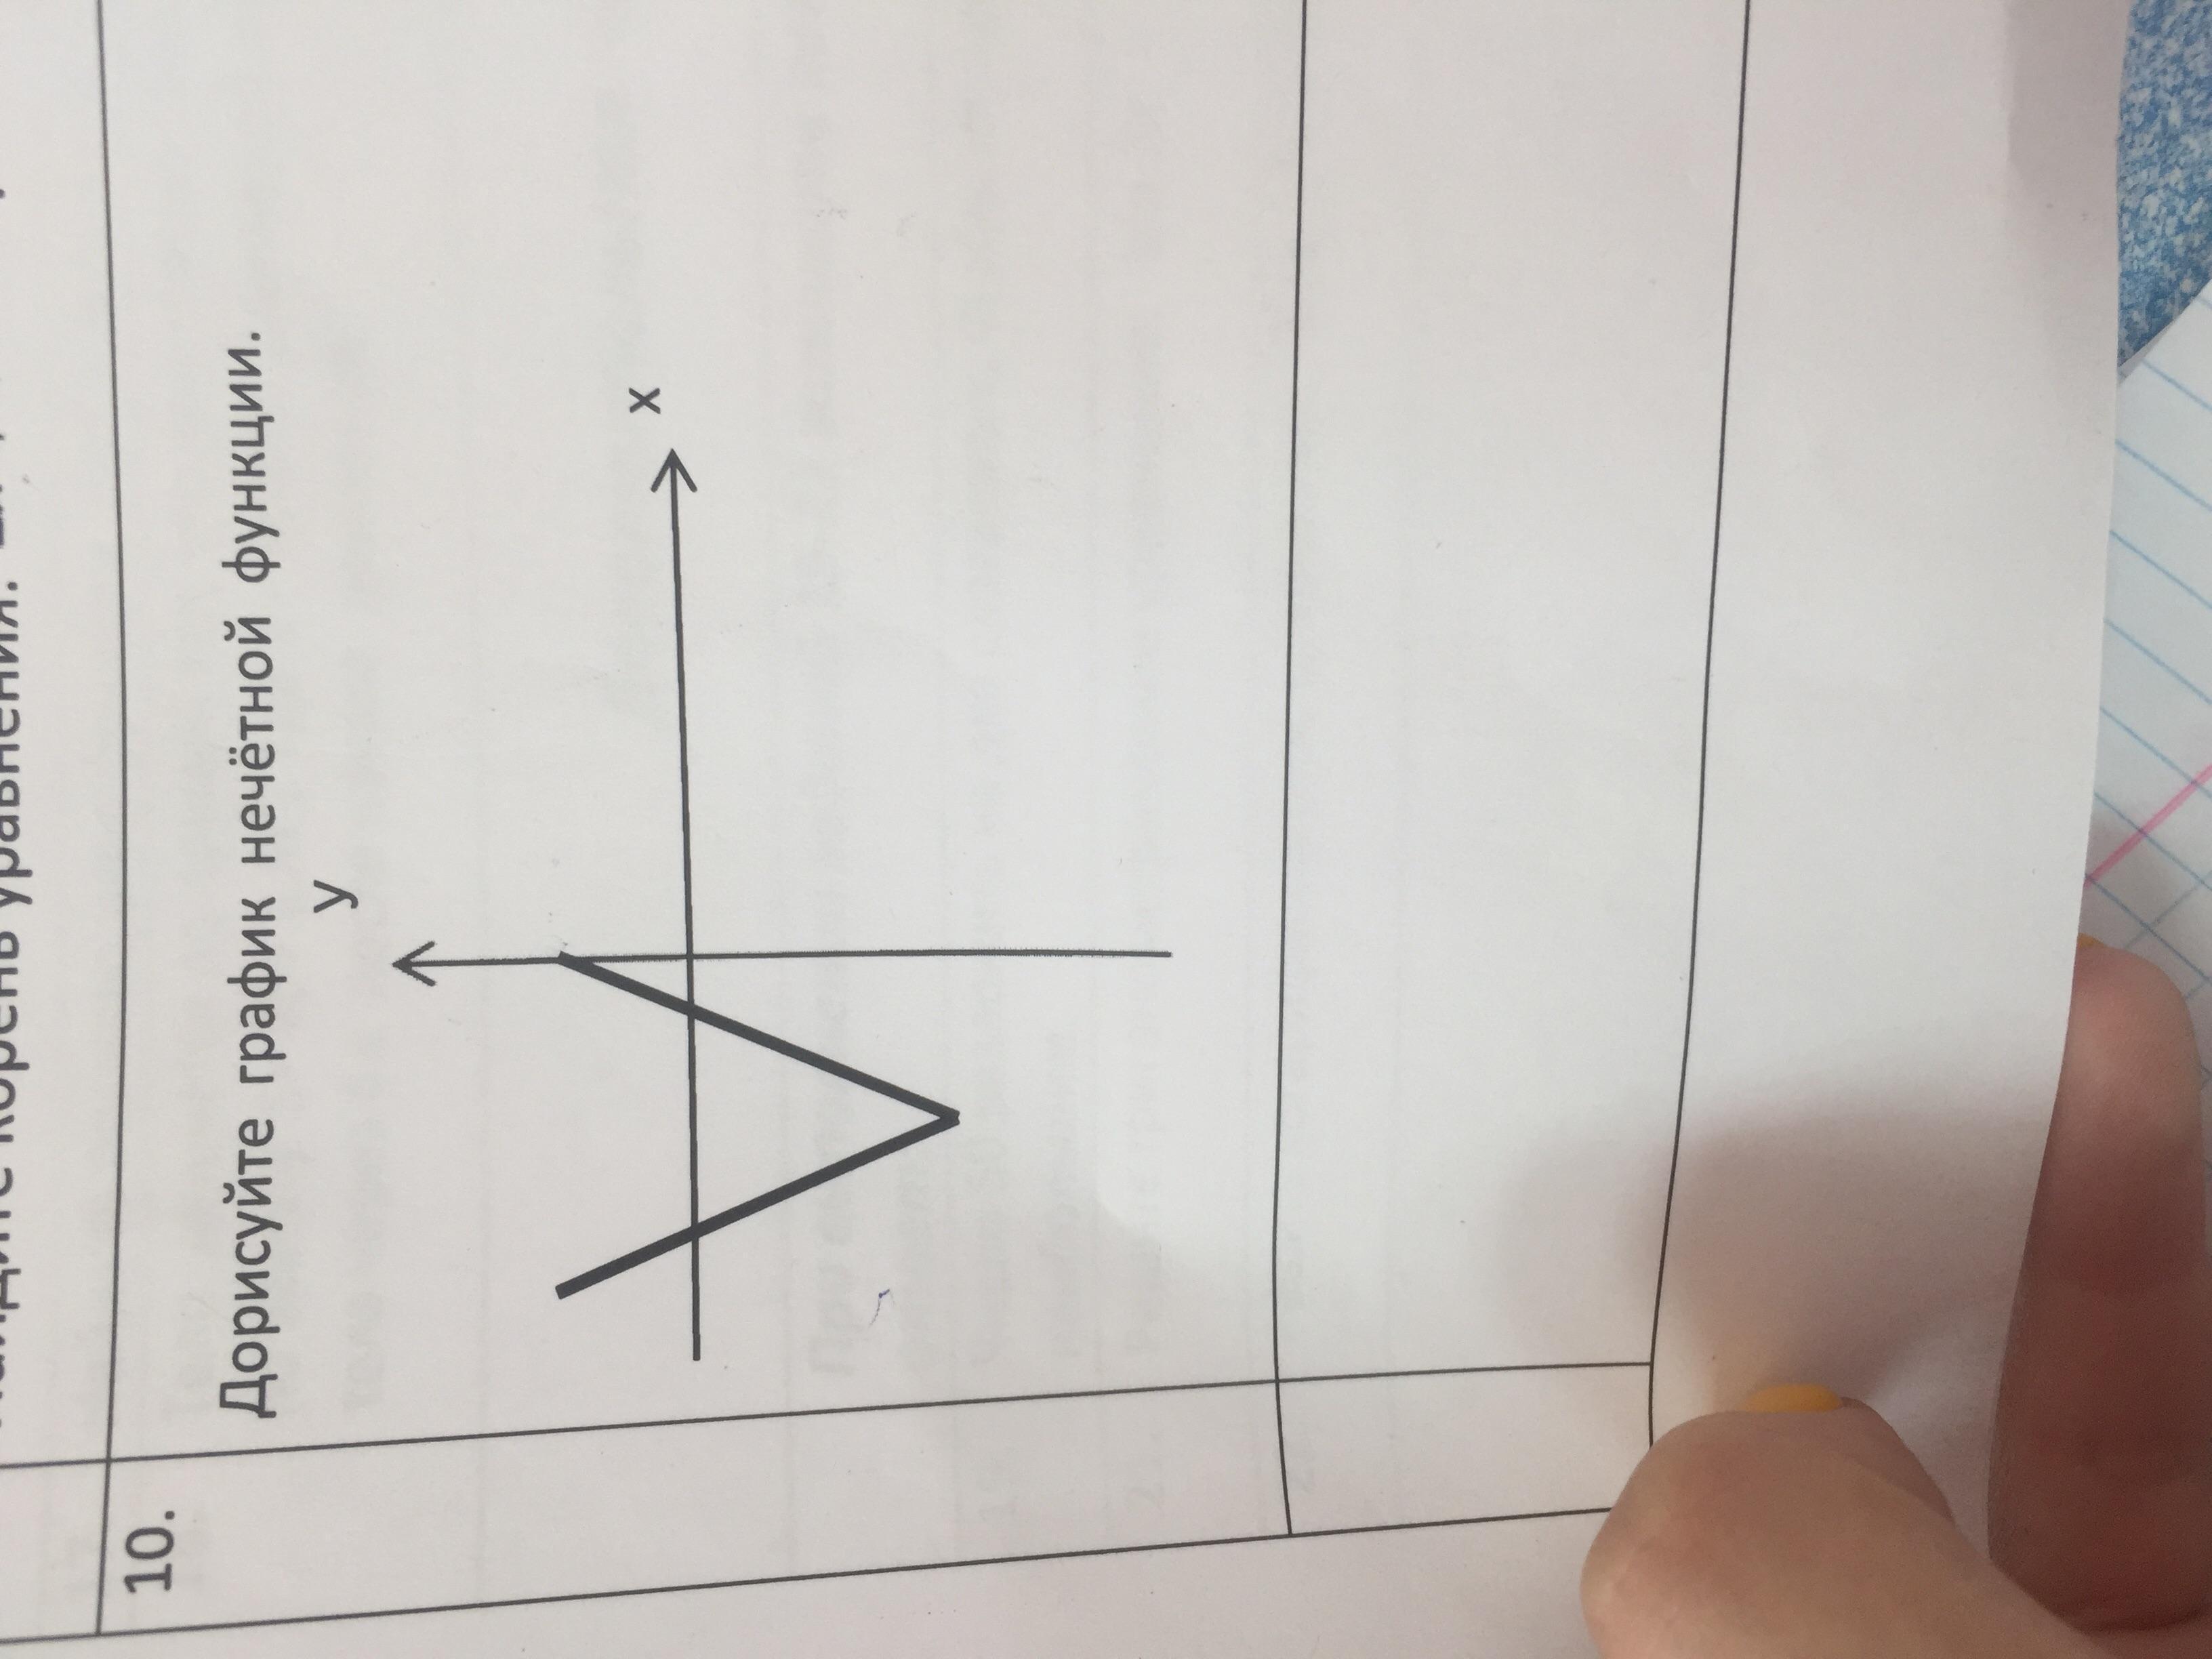 Помогите пожалуйста дорисовать график